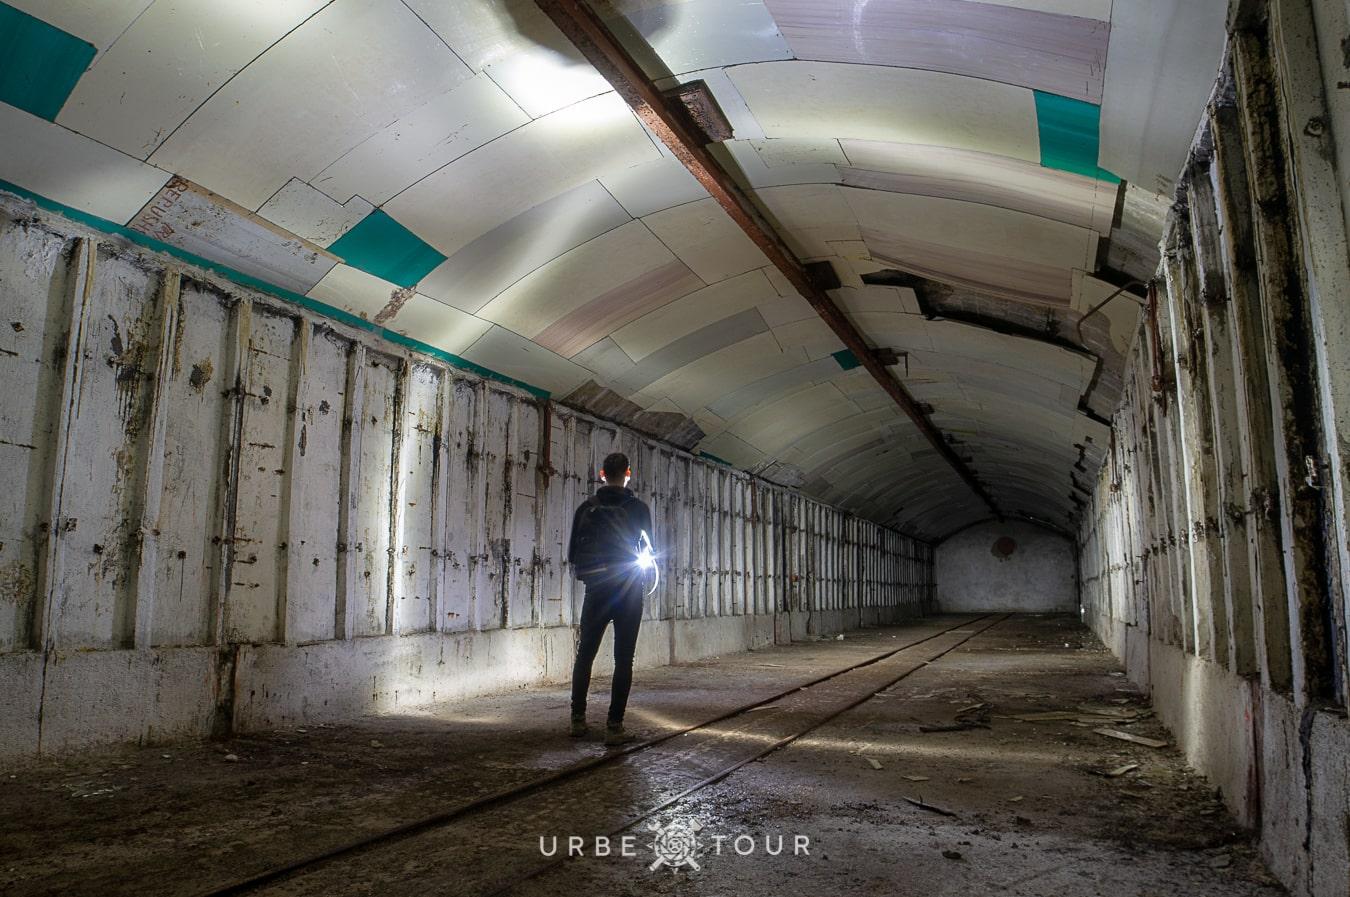 porto-palermo-submarine-base-albania-13-1 Подземная база для подводных лодок в Порто Палермо, Албания